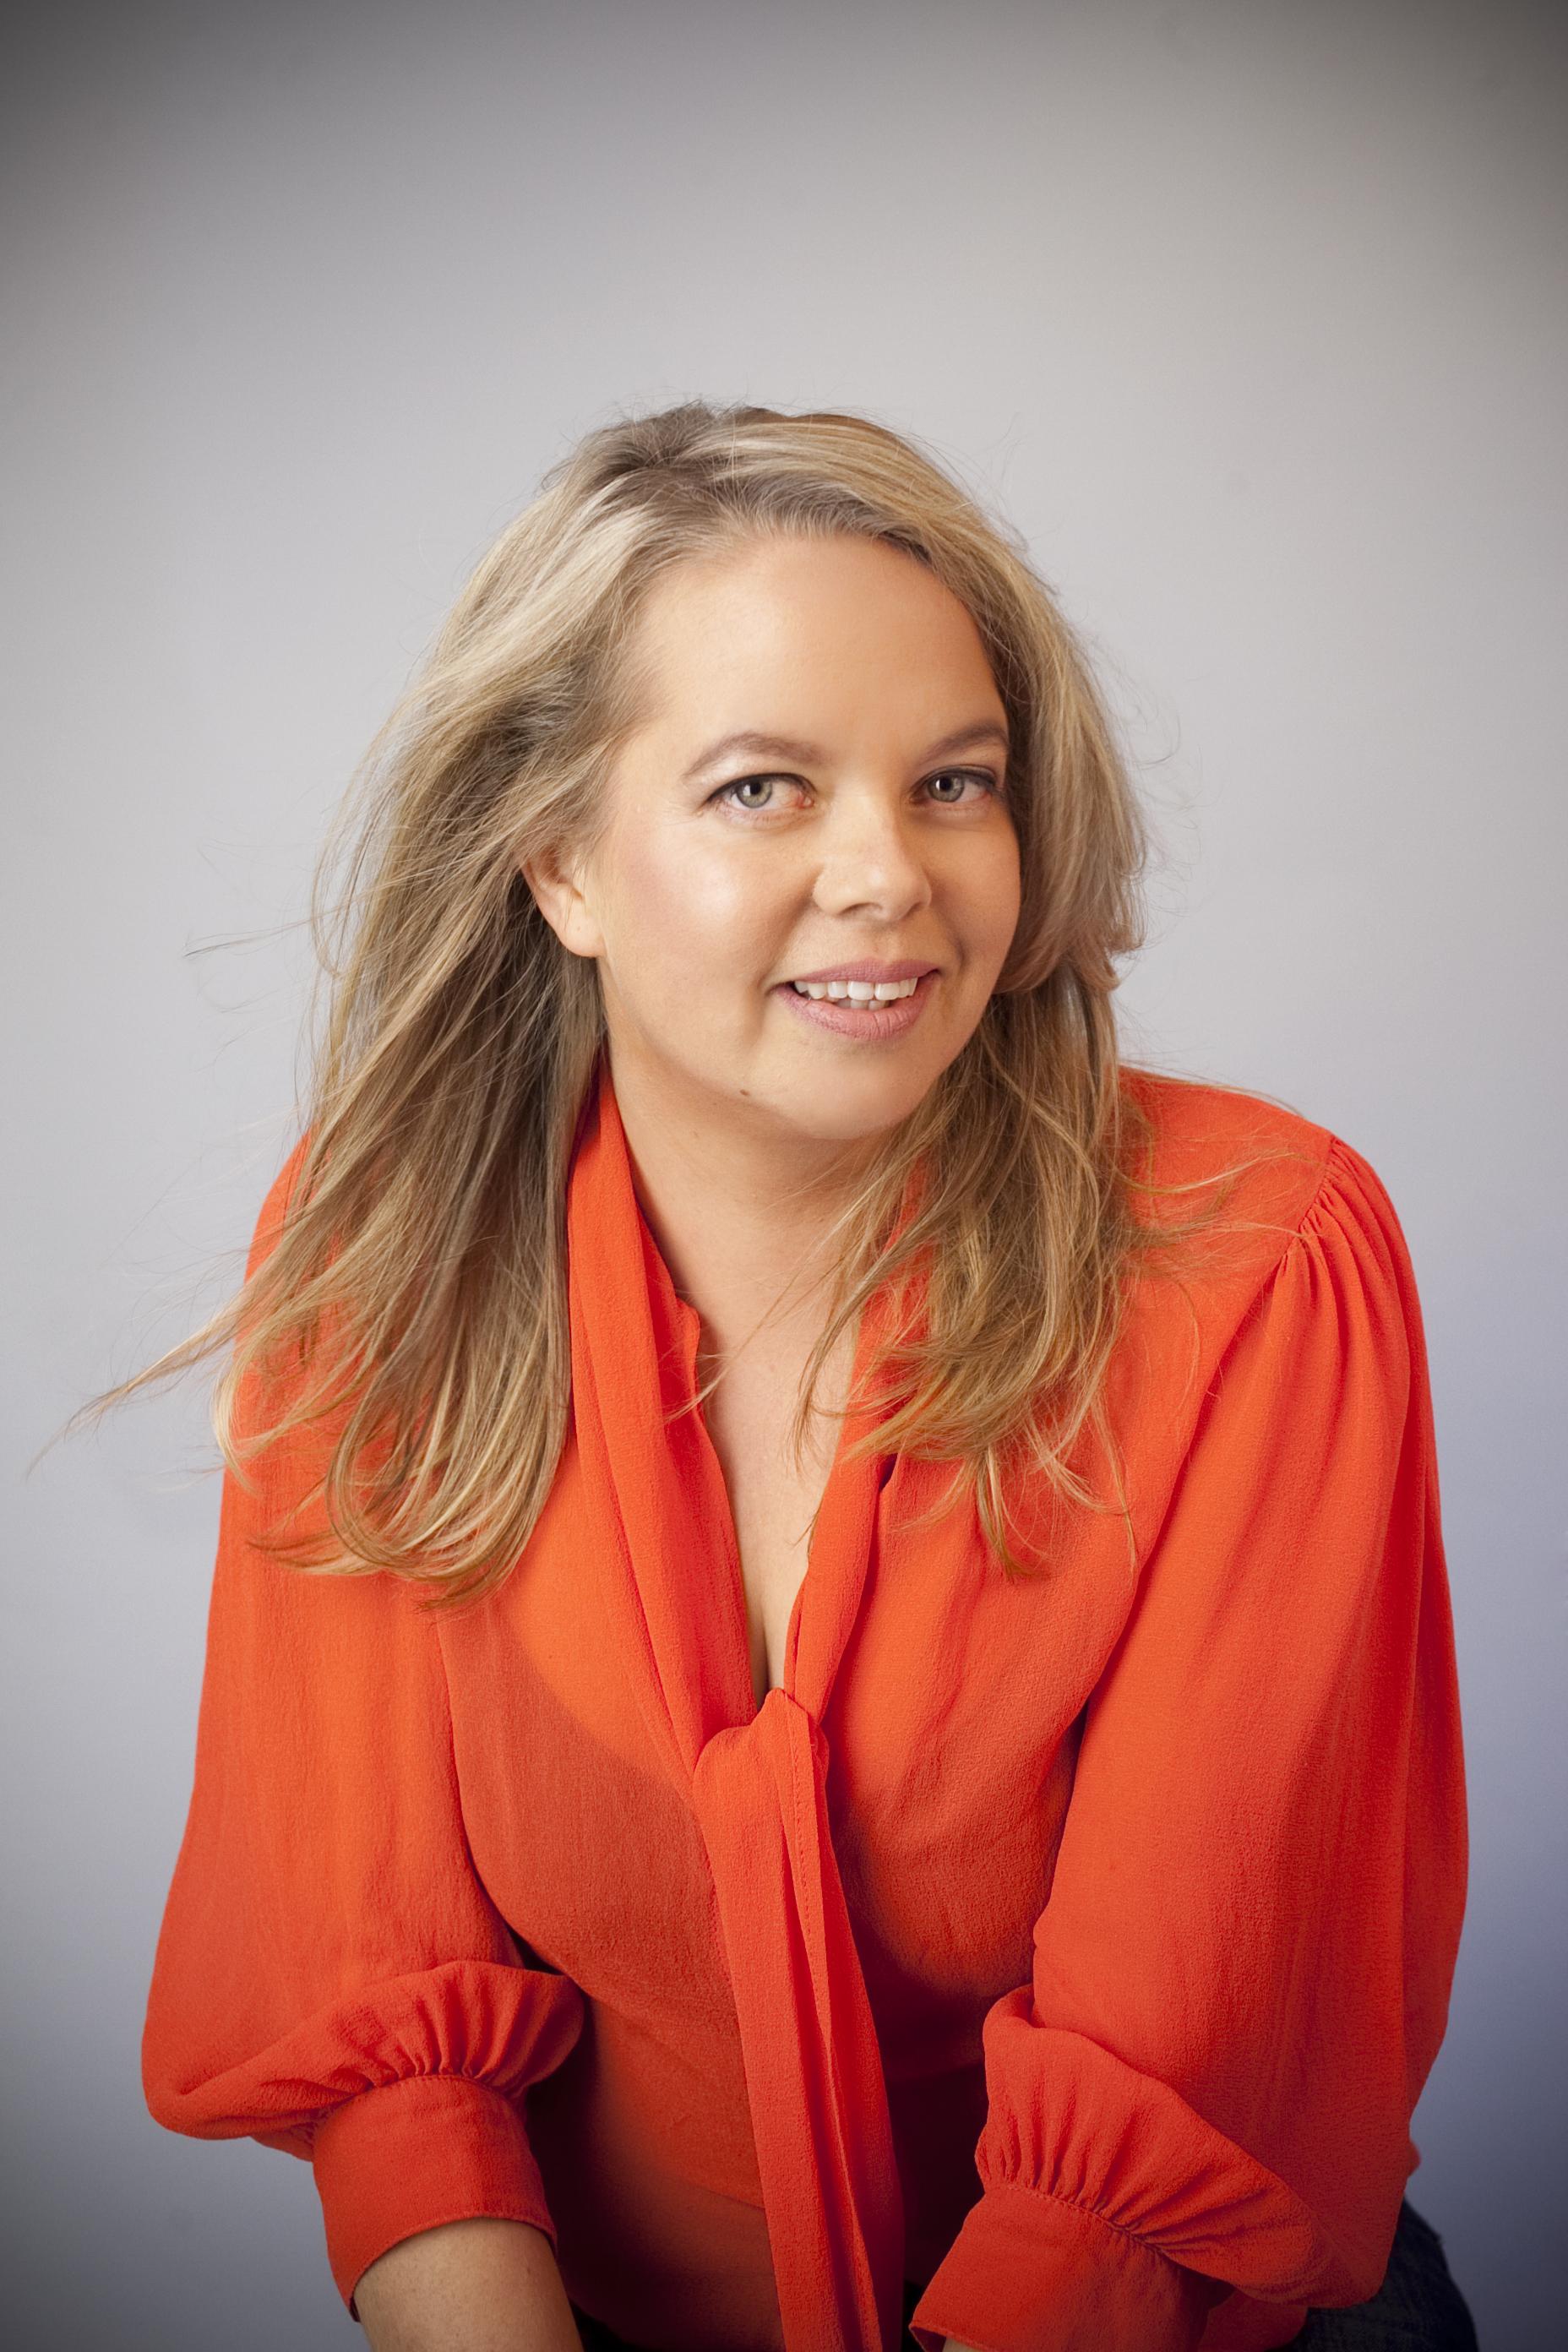 Lee-Anne McCall